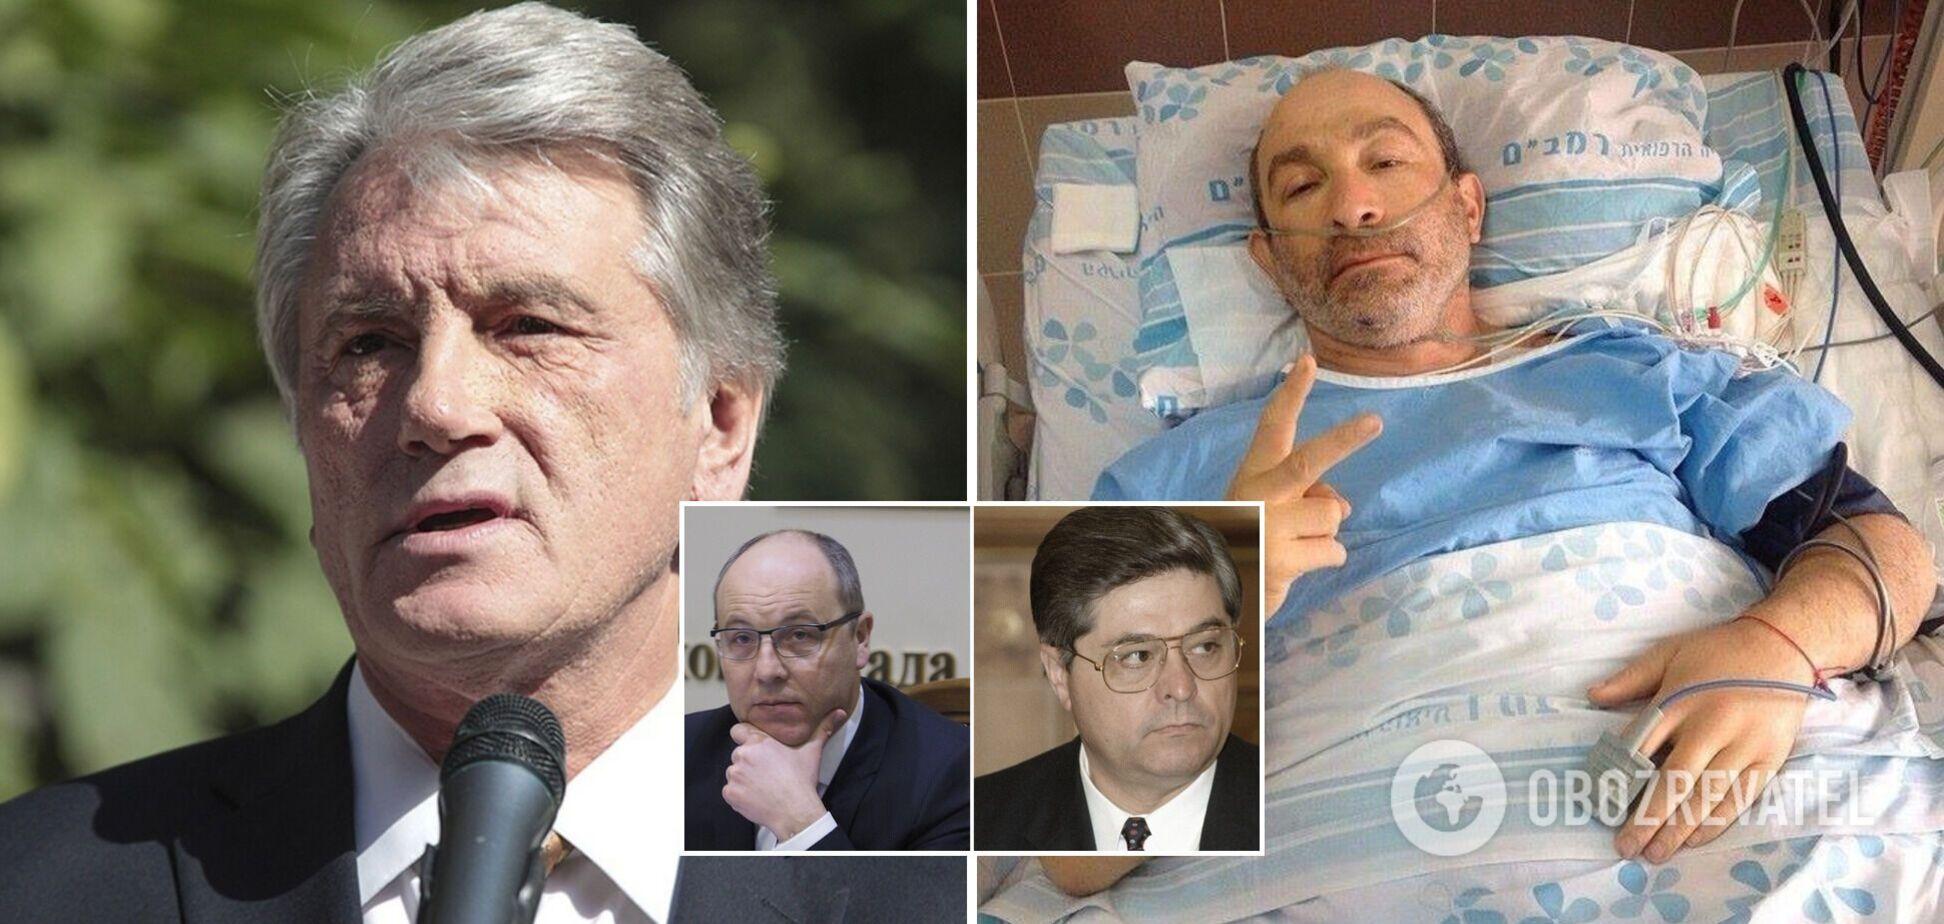 Отравление Ющенко и 'народное' покушение на Януковича: кто и зачем пытался убить украинских топ-политиков